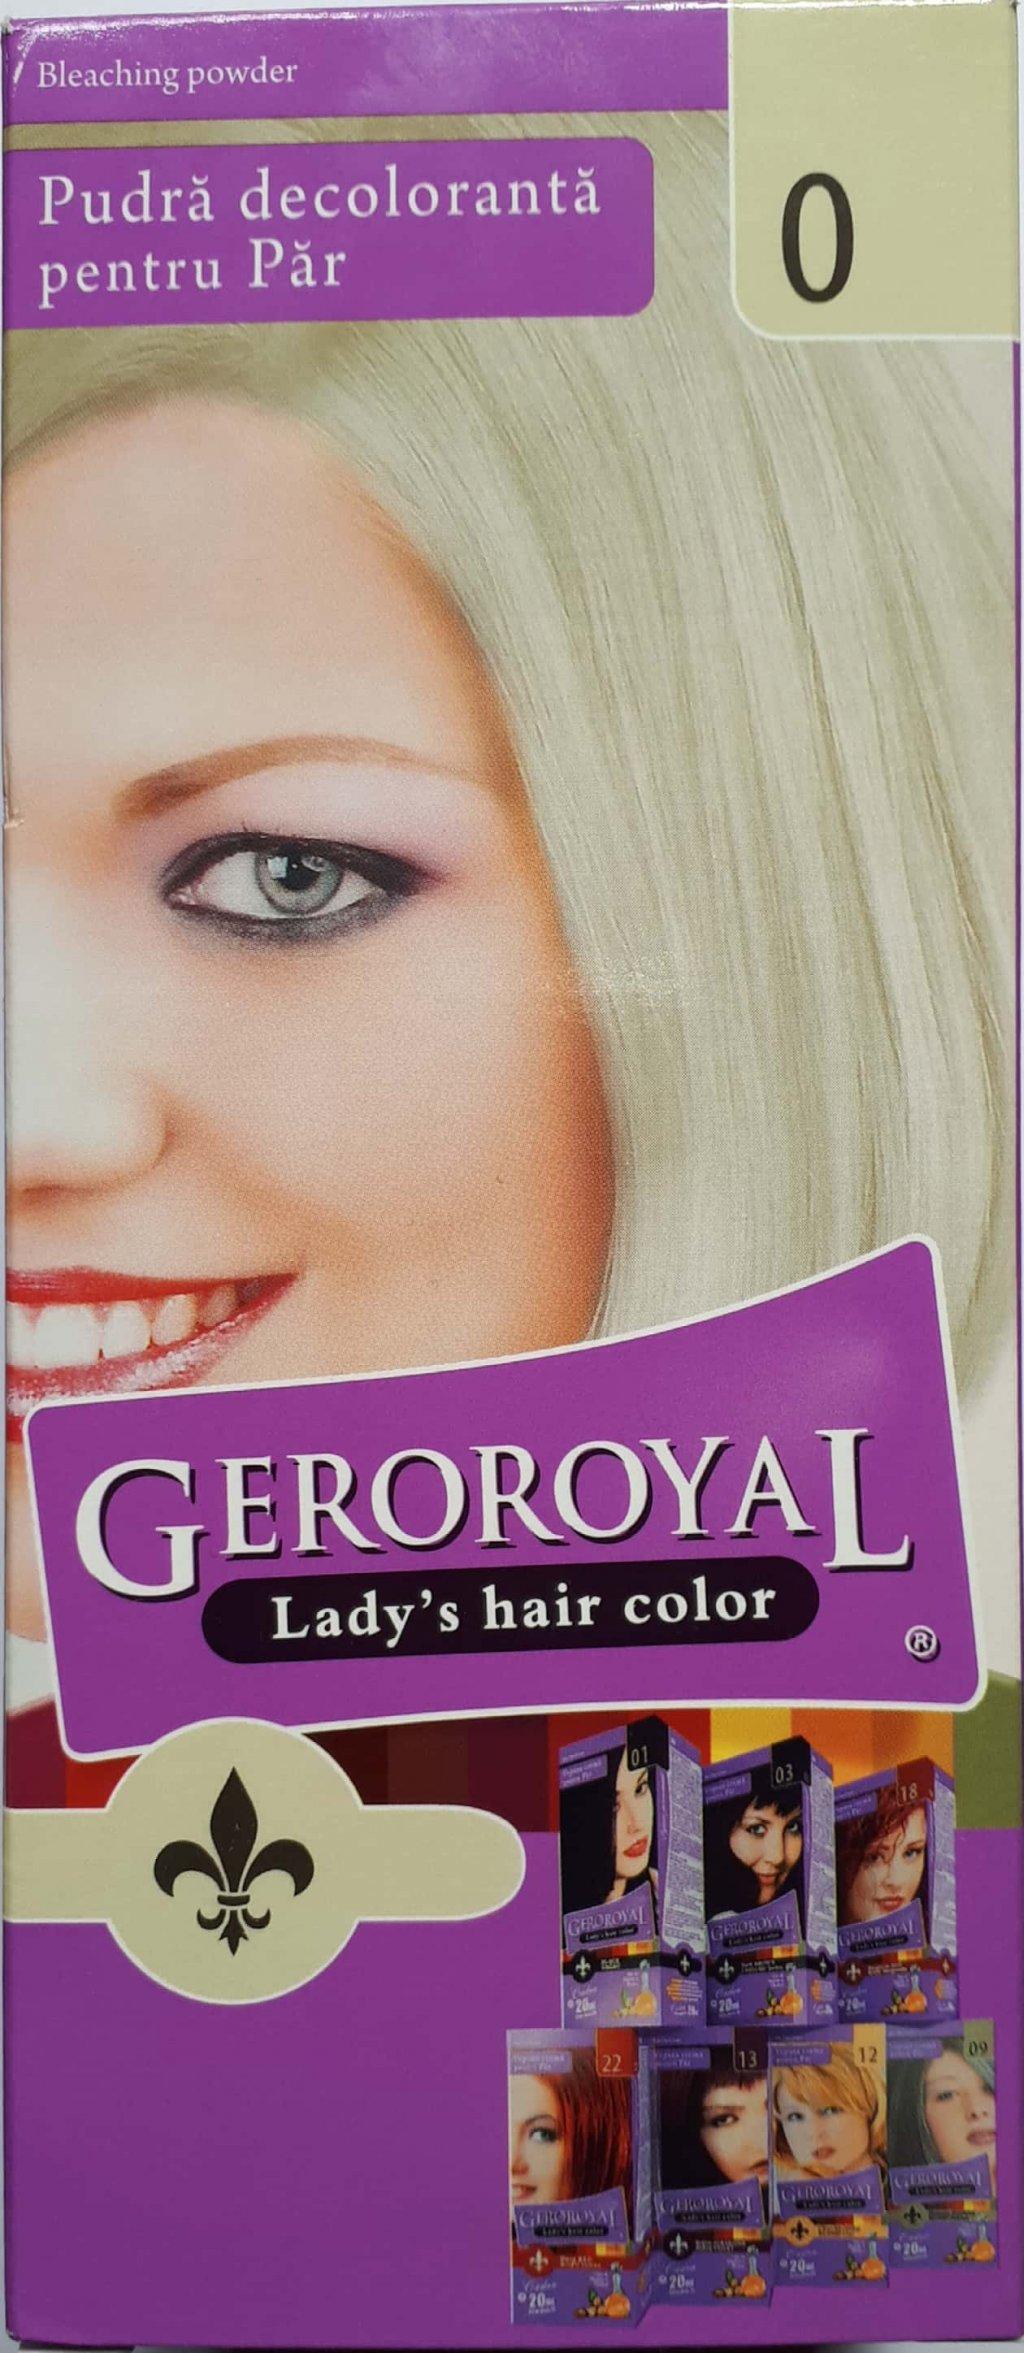 Pudra decoloranta pentru par Geroroyal